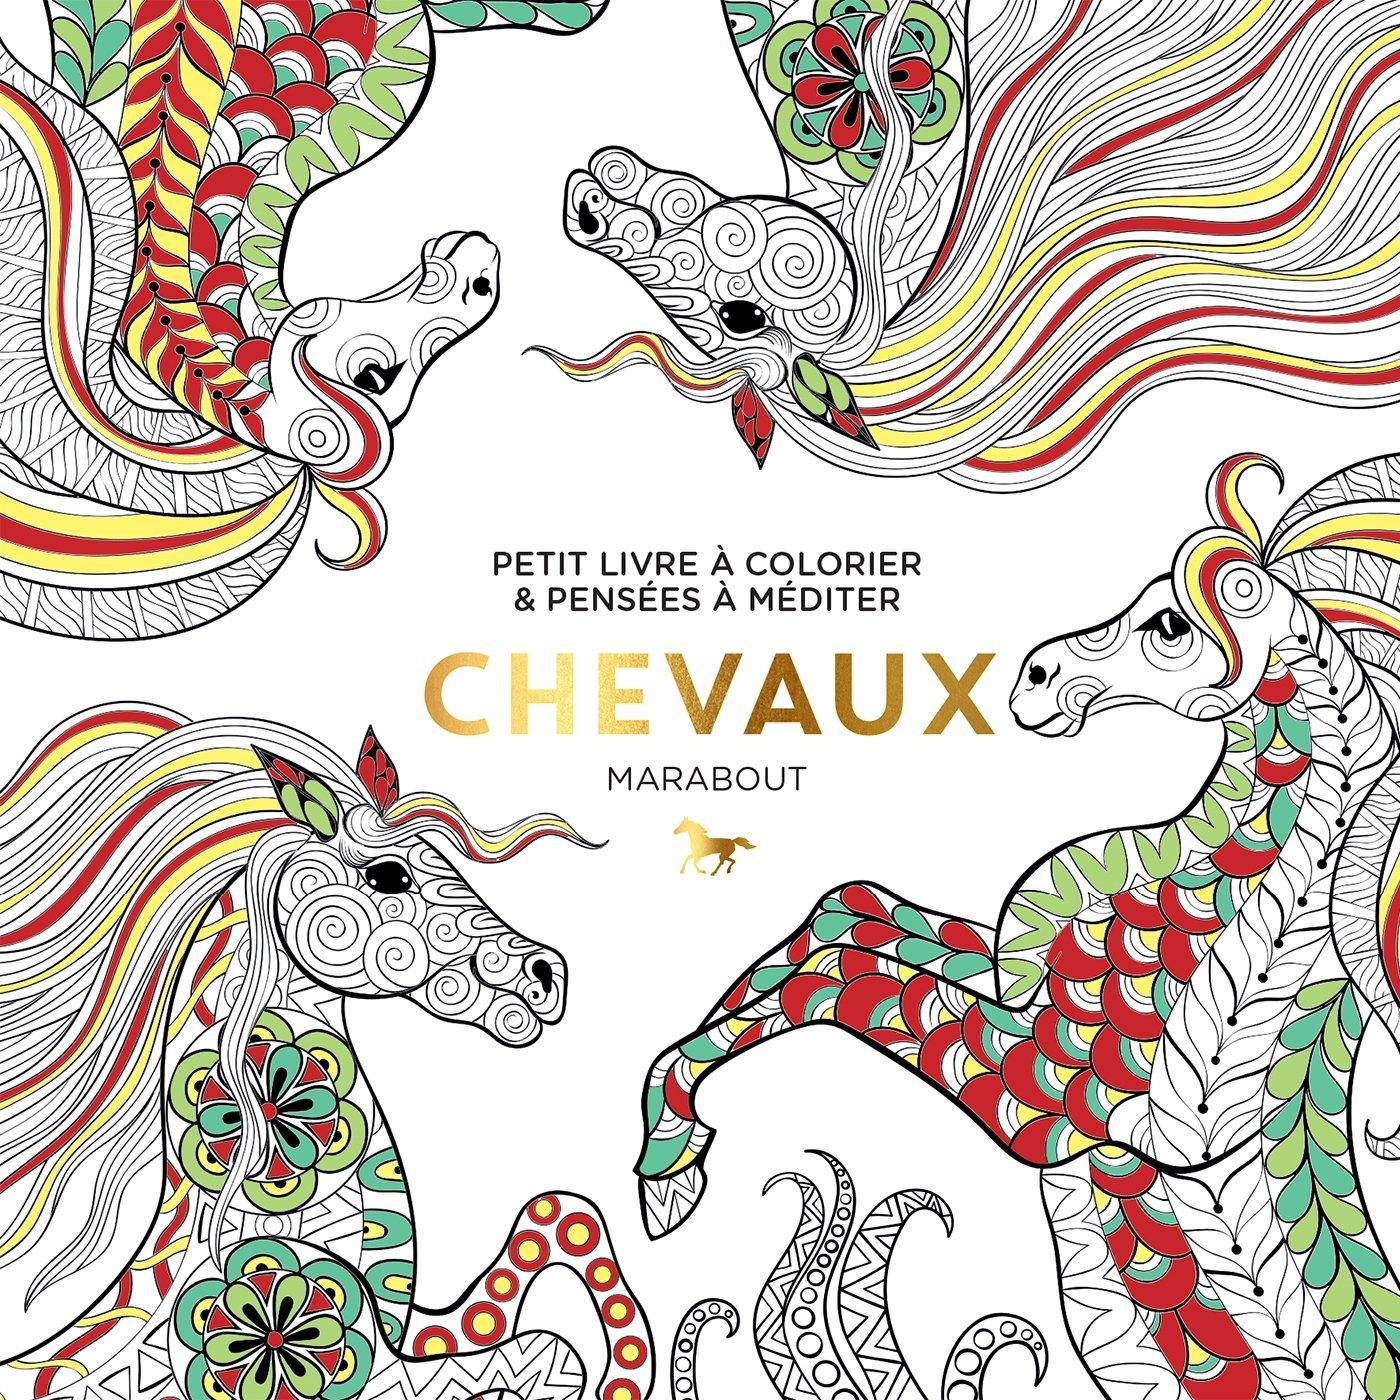 Du coloriage gogo chez marabout en janvier songe d 39 une nuit d 39 t webzine culturel 100 - Mandala de chevaux ...